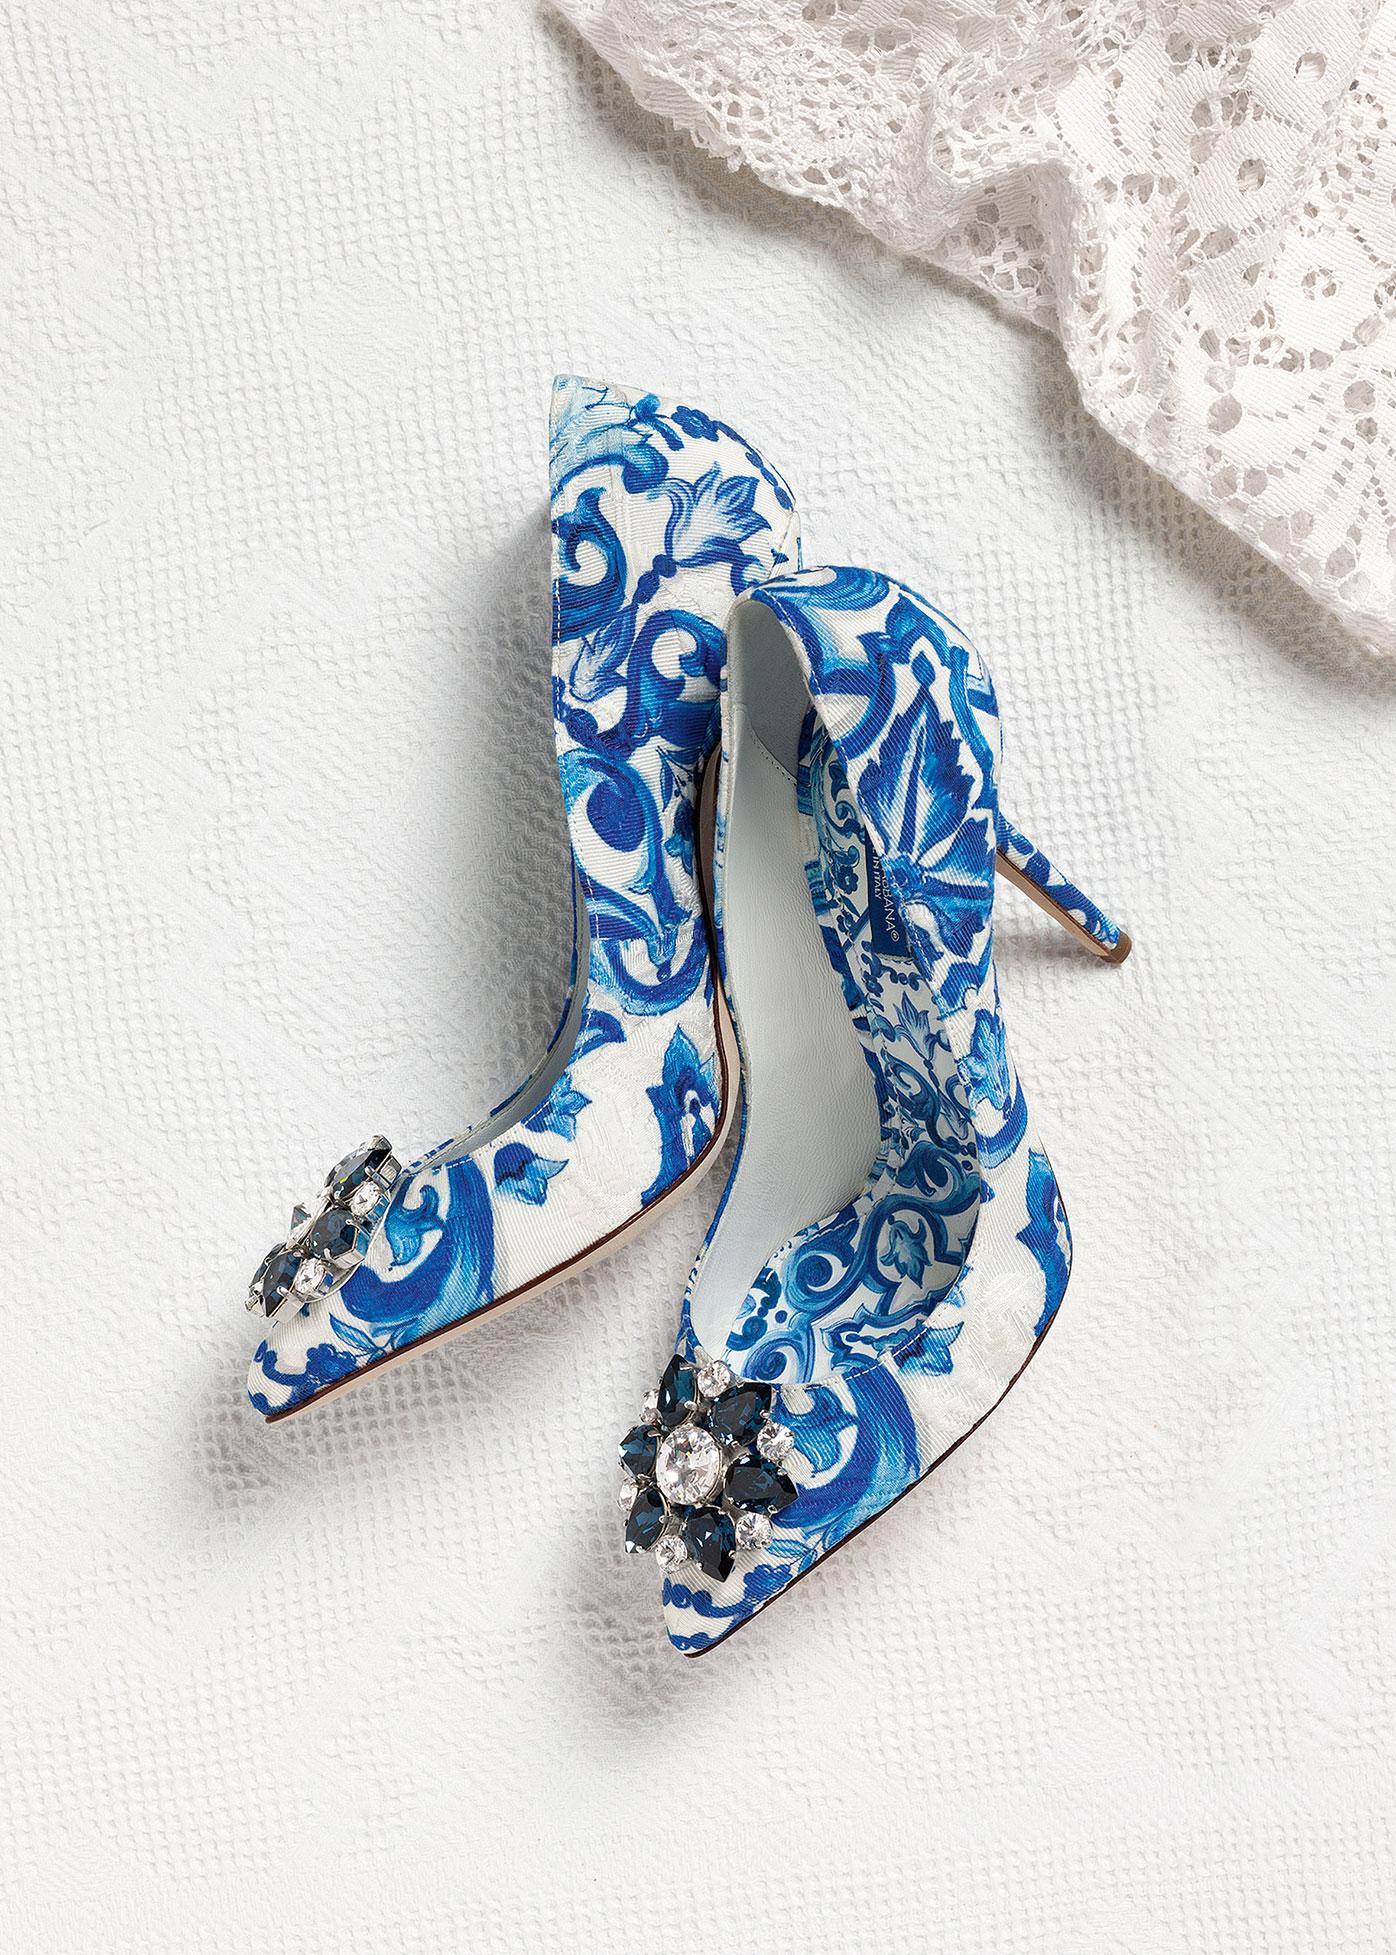 Scarpe Sposa Dolce E Gabbana.Dolce E Gabbana Look Sposa